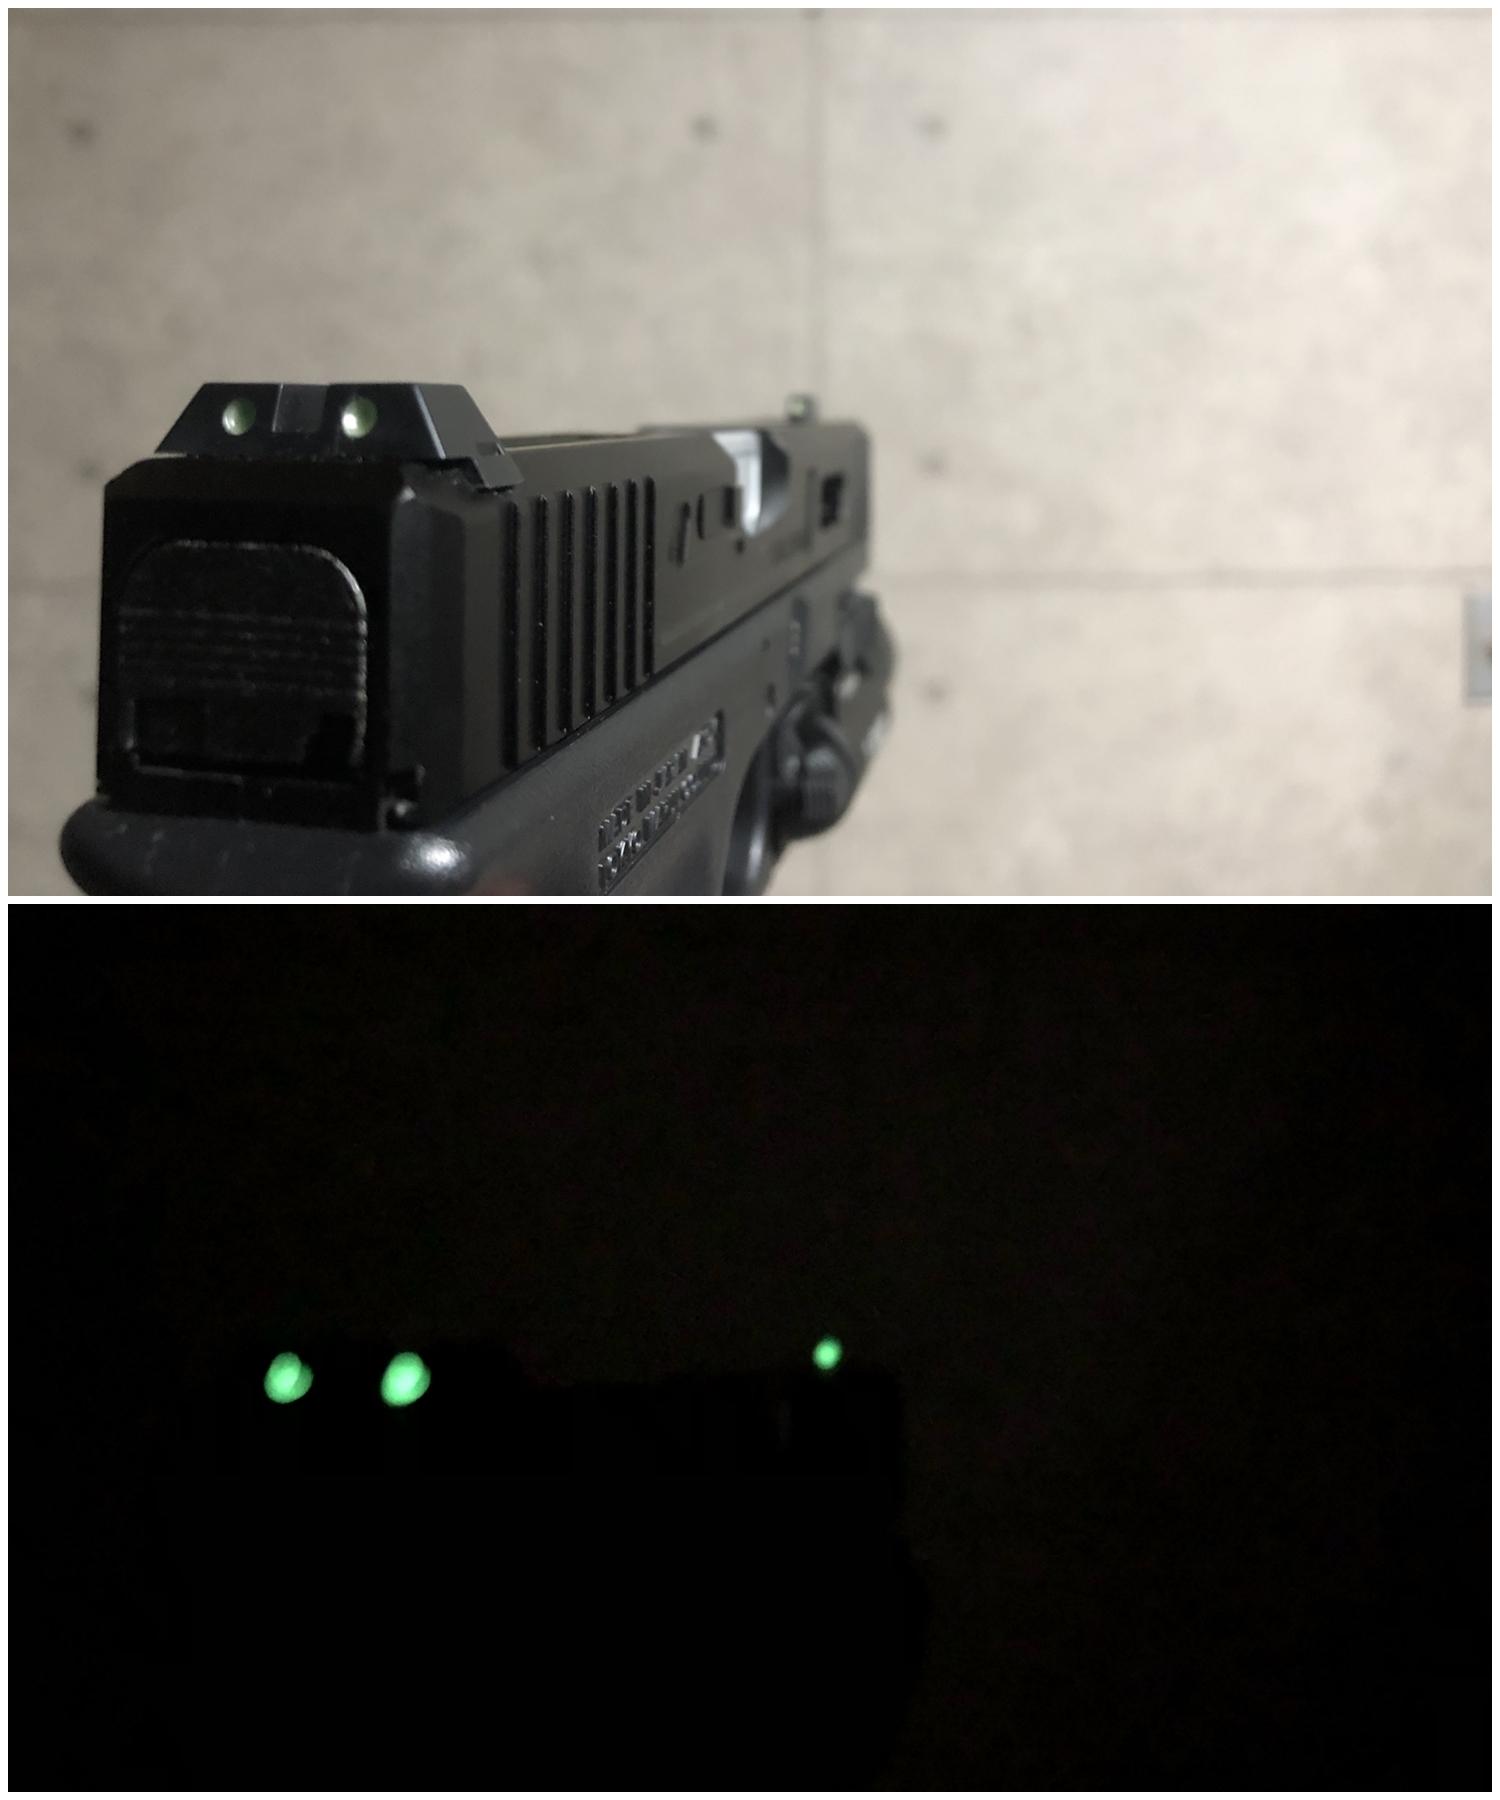 13 東京マルイ GLOCK 17 『SUREFIRE X300 ULTRA TYPE』を付けて見よう!! シュアファイア ウェポンライト グロック カスタム 取付 レビュー!! したるの巻!!